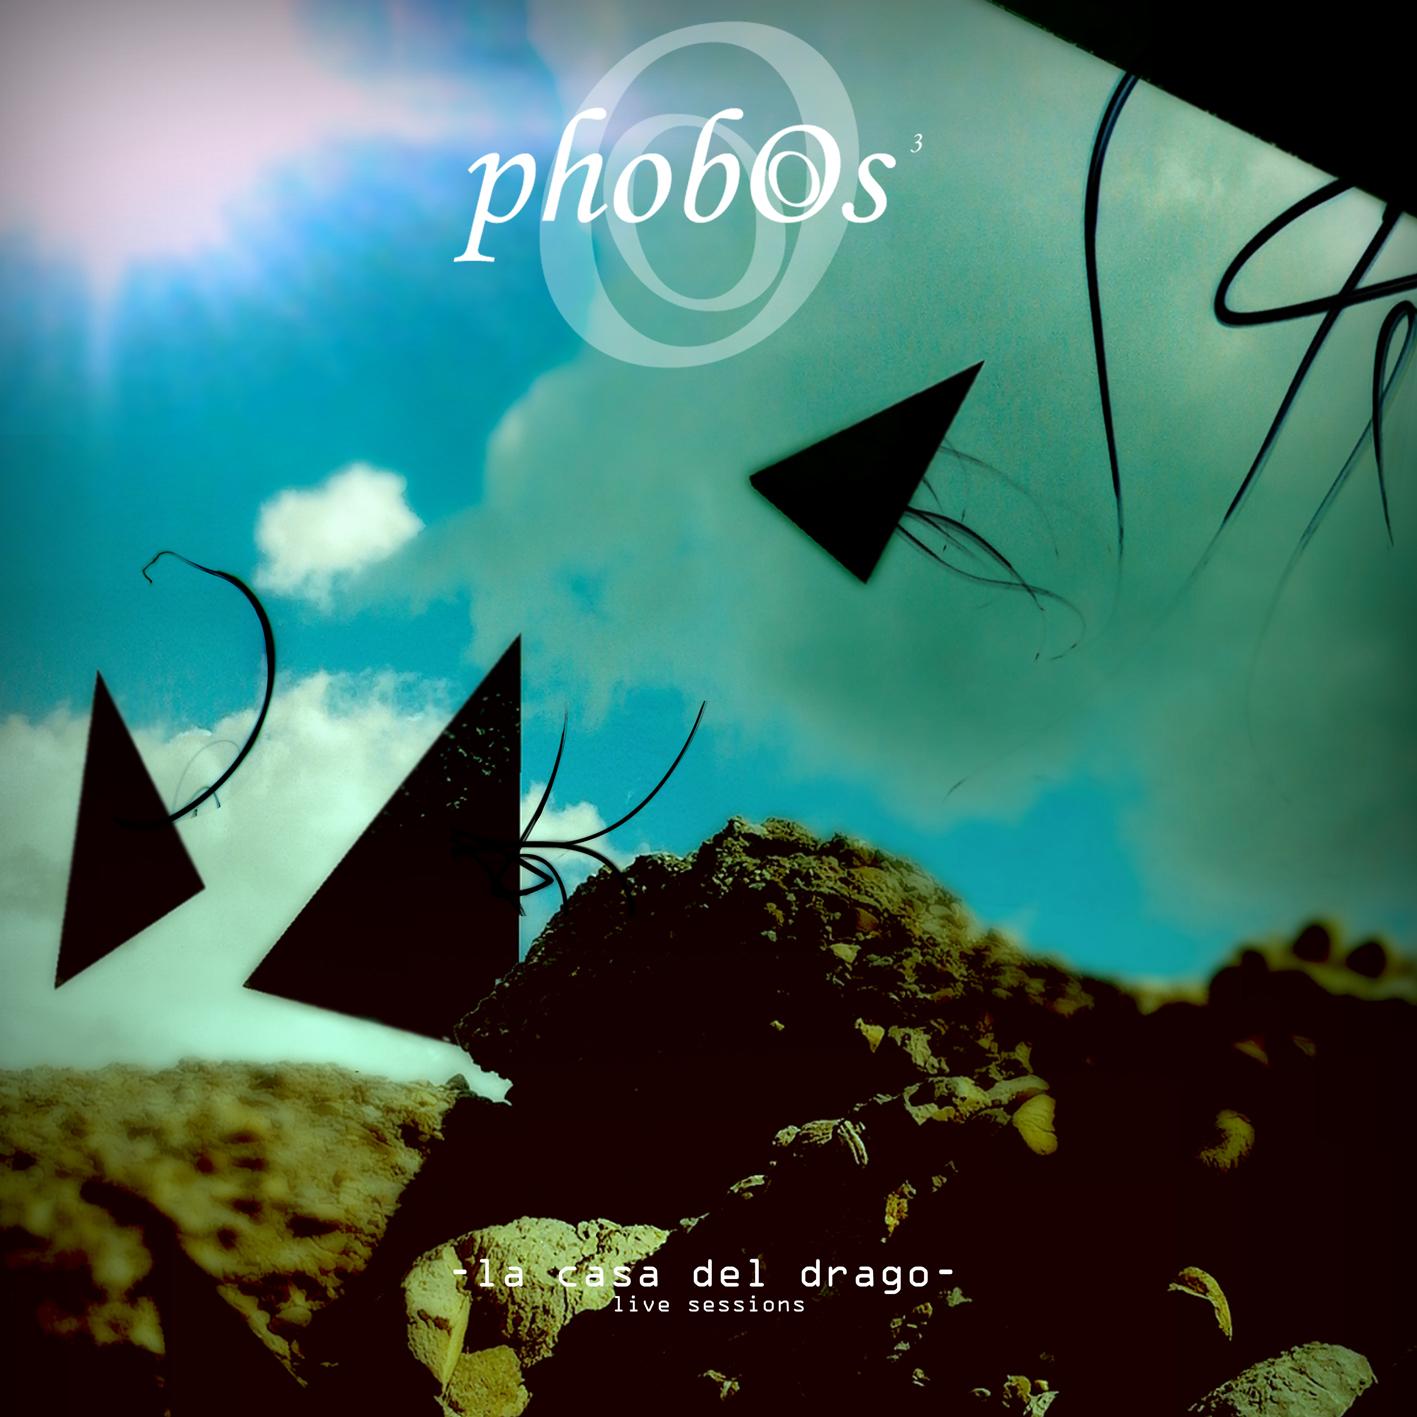 IYE15 – Phobos - La Casa del Drago 5